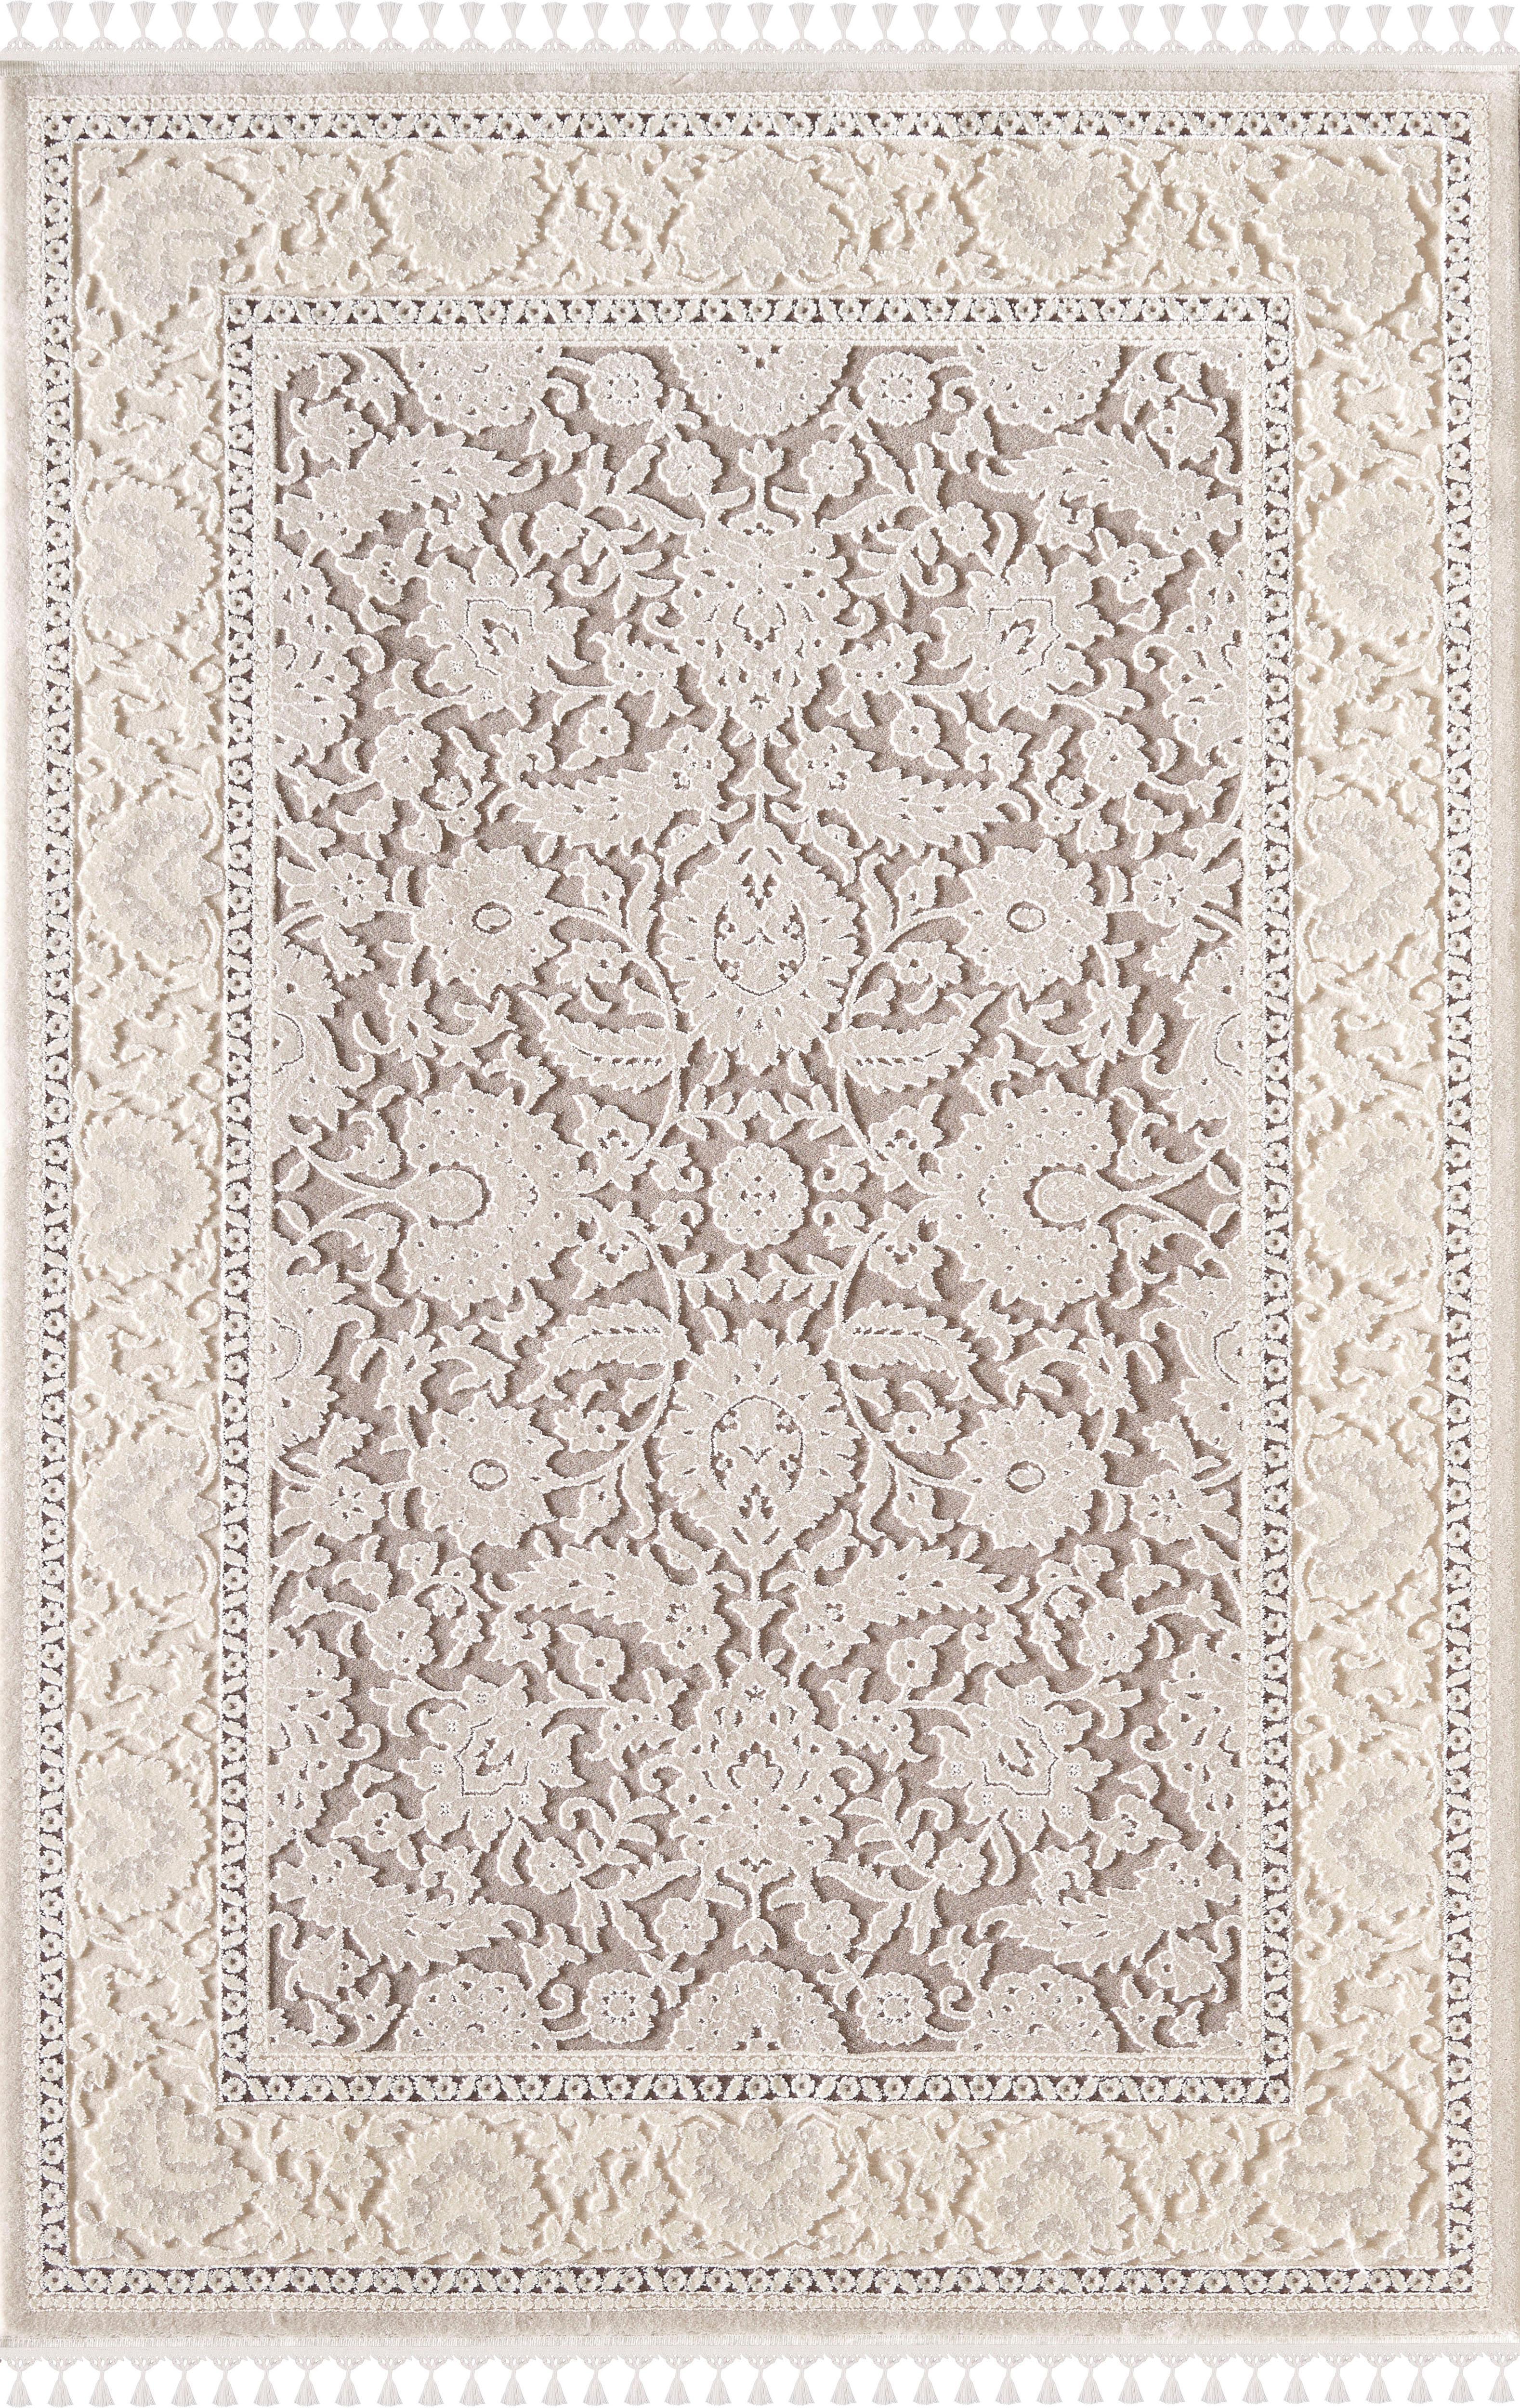 Teppich Delüks 6821 Sanat Teppiche rechteckig Höhe 12 mm maschinell gewebt